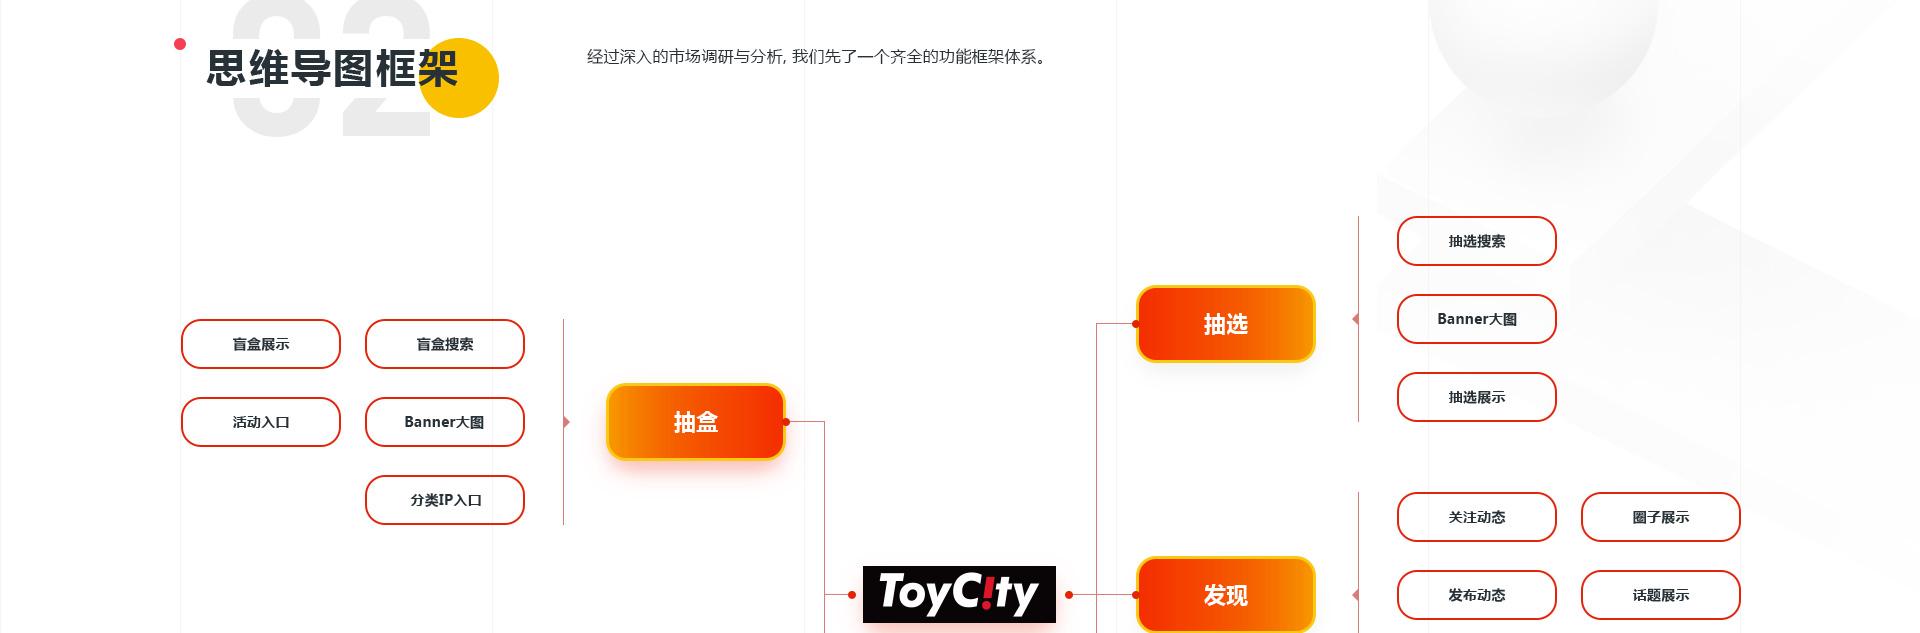 玩具城市_案例1.0_06.jpg